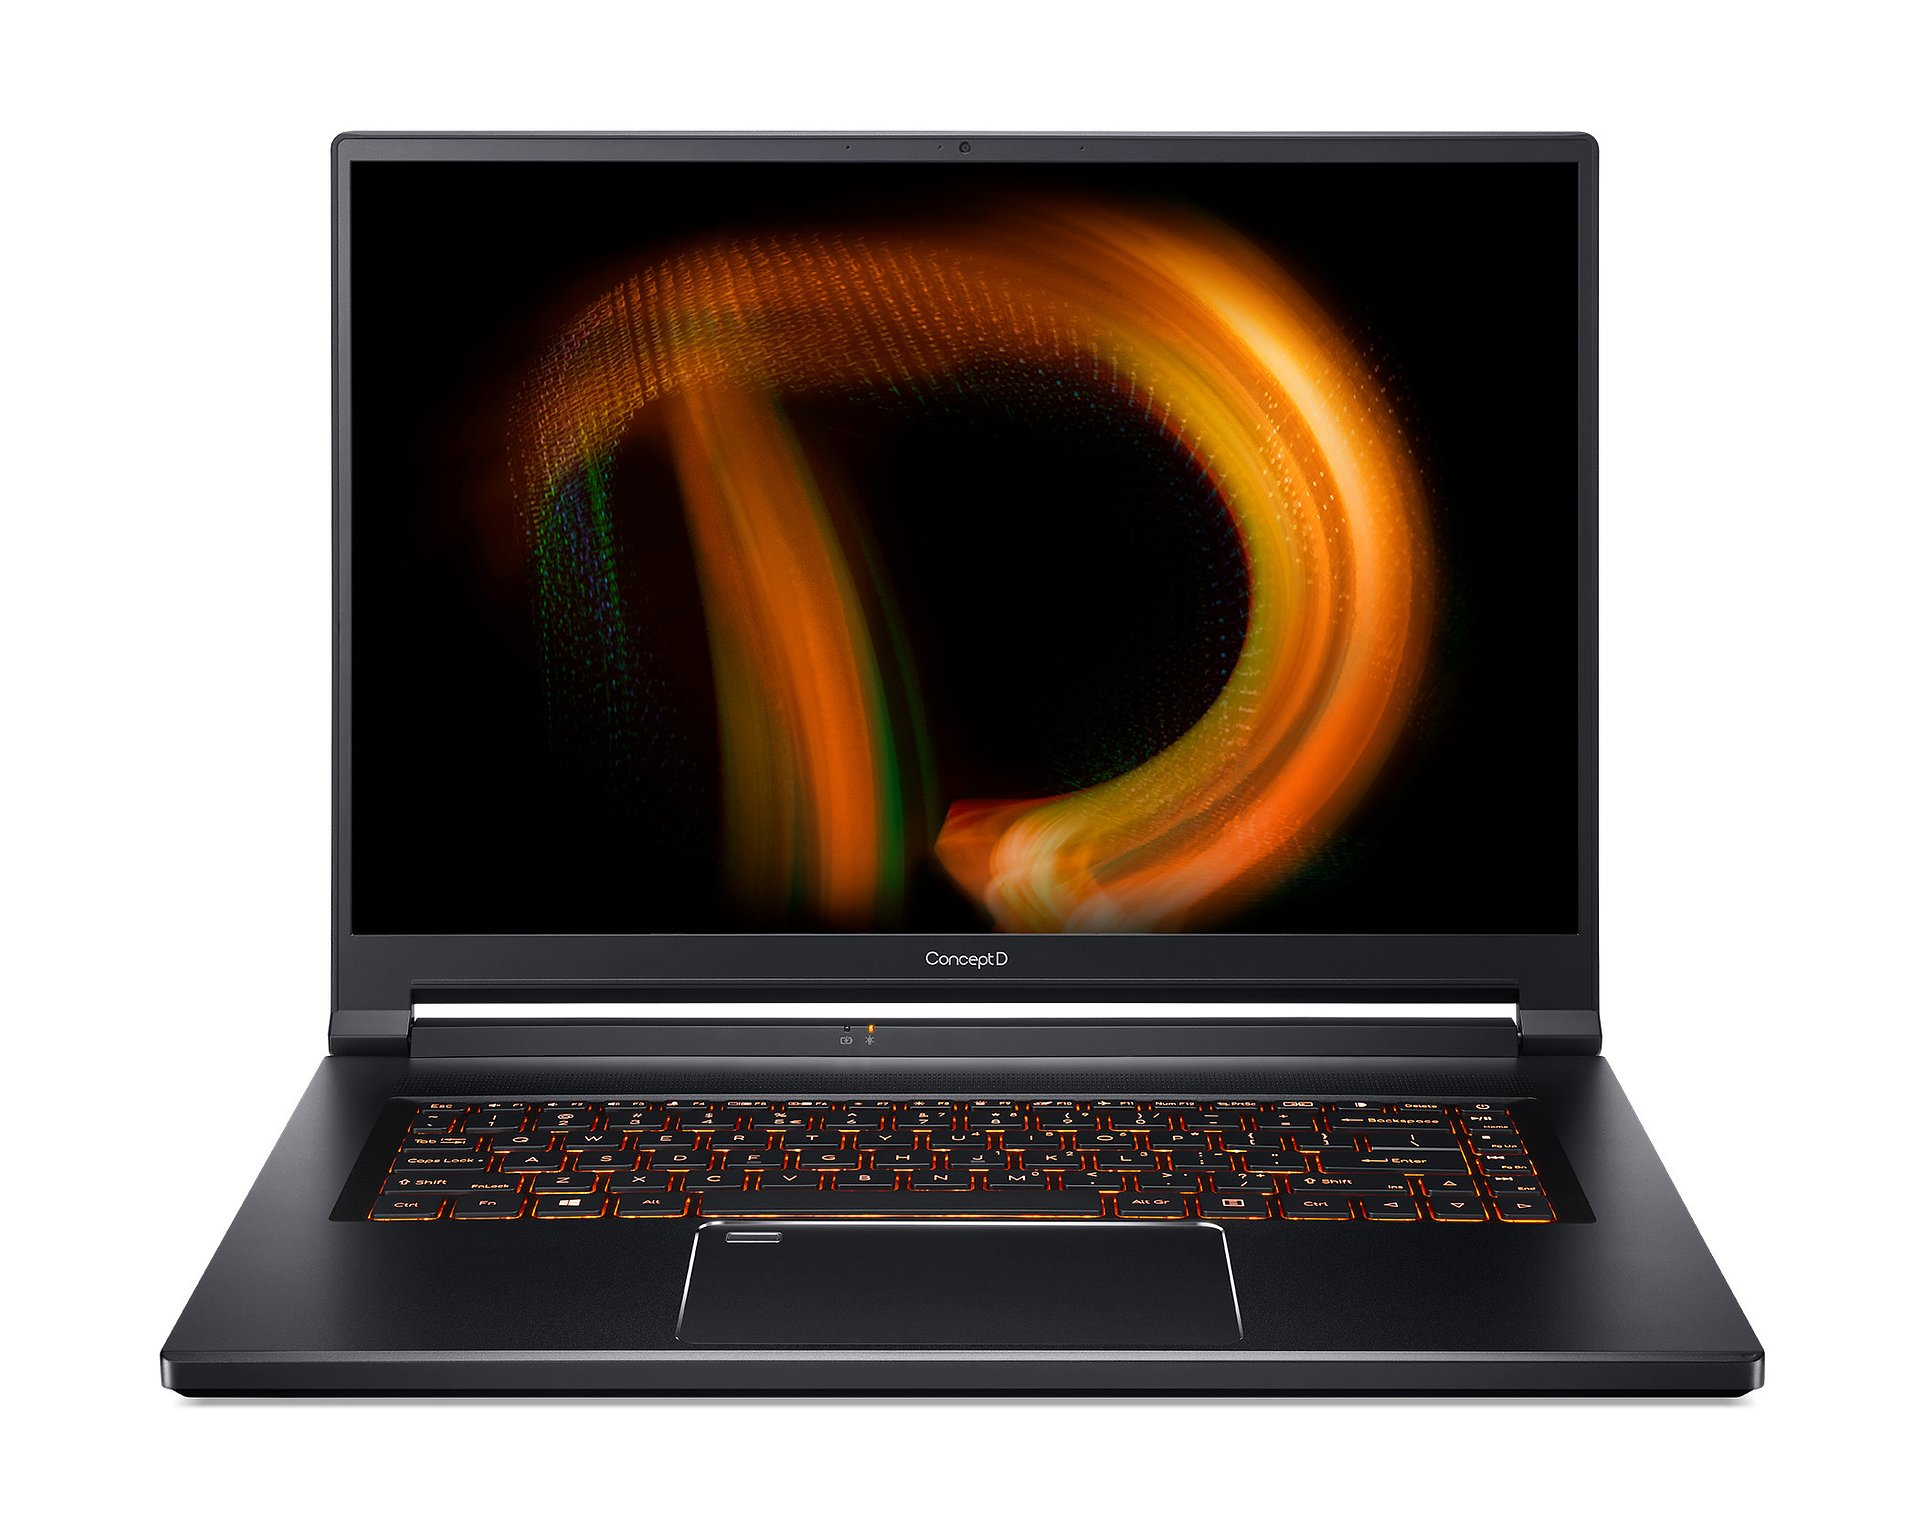 Acer prezentuje rewolucyjną technologię SpatialLabs – Dzięki niej zobaczymy modele 3D bez okularów